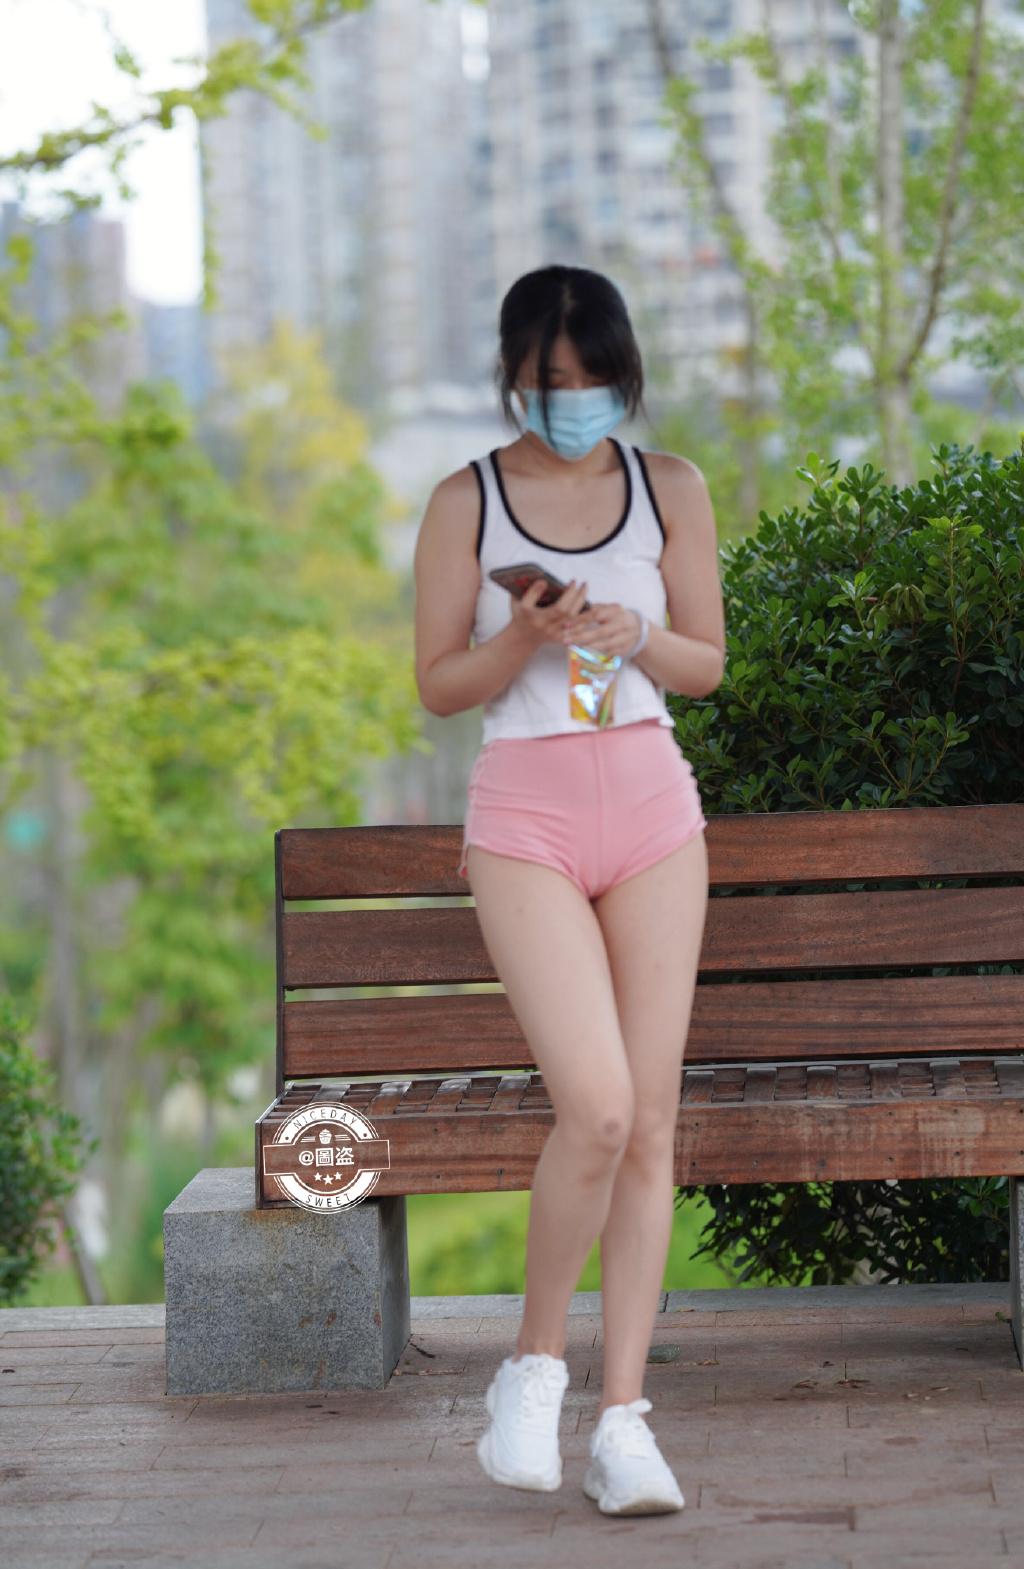 这连体式露背装特别漂亮 网络美女 第3张